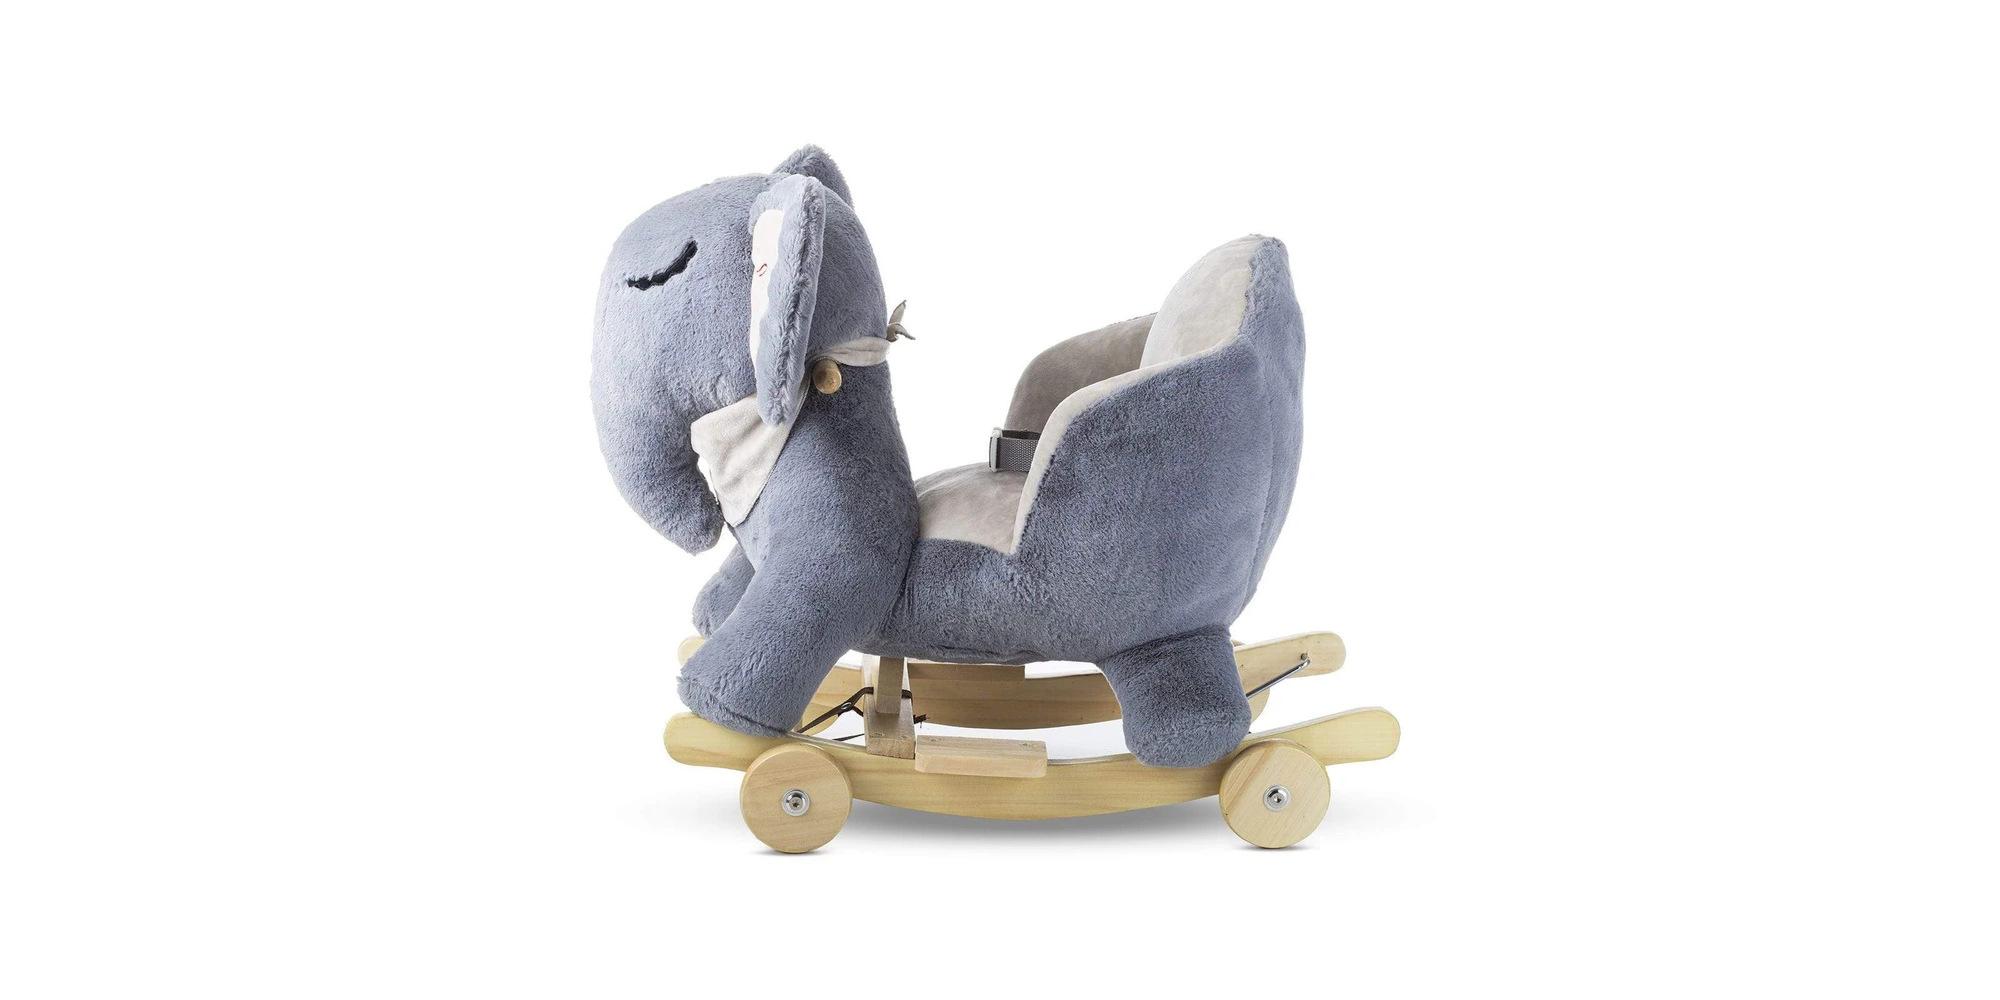 المقعد المتنقل على شكل فيل